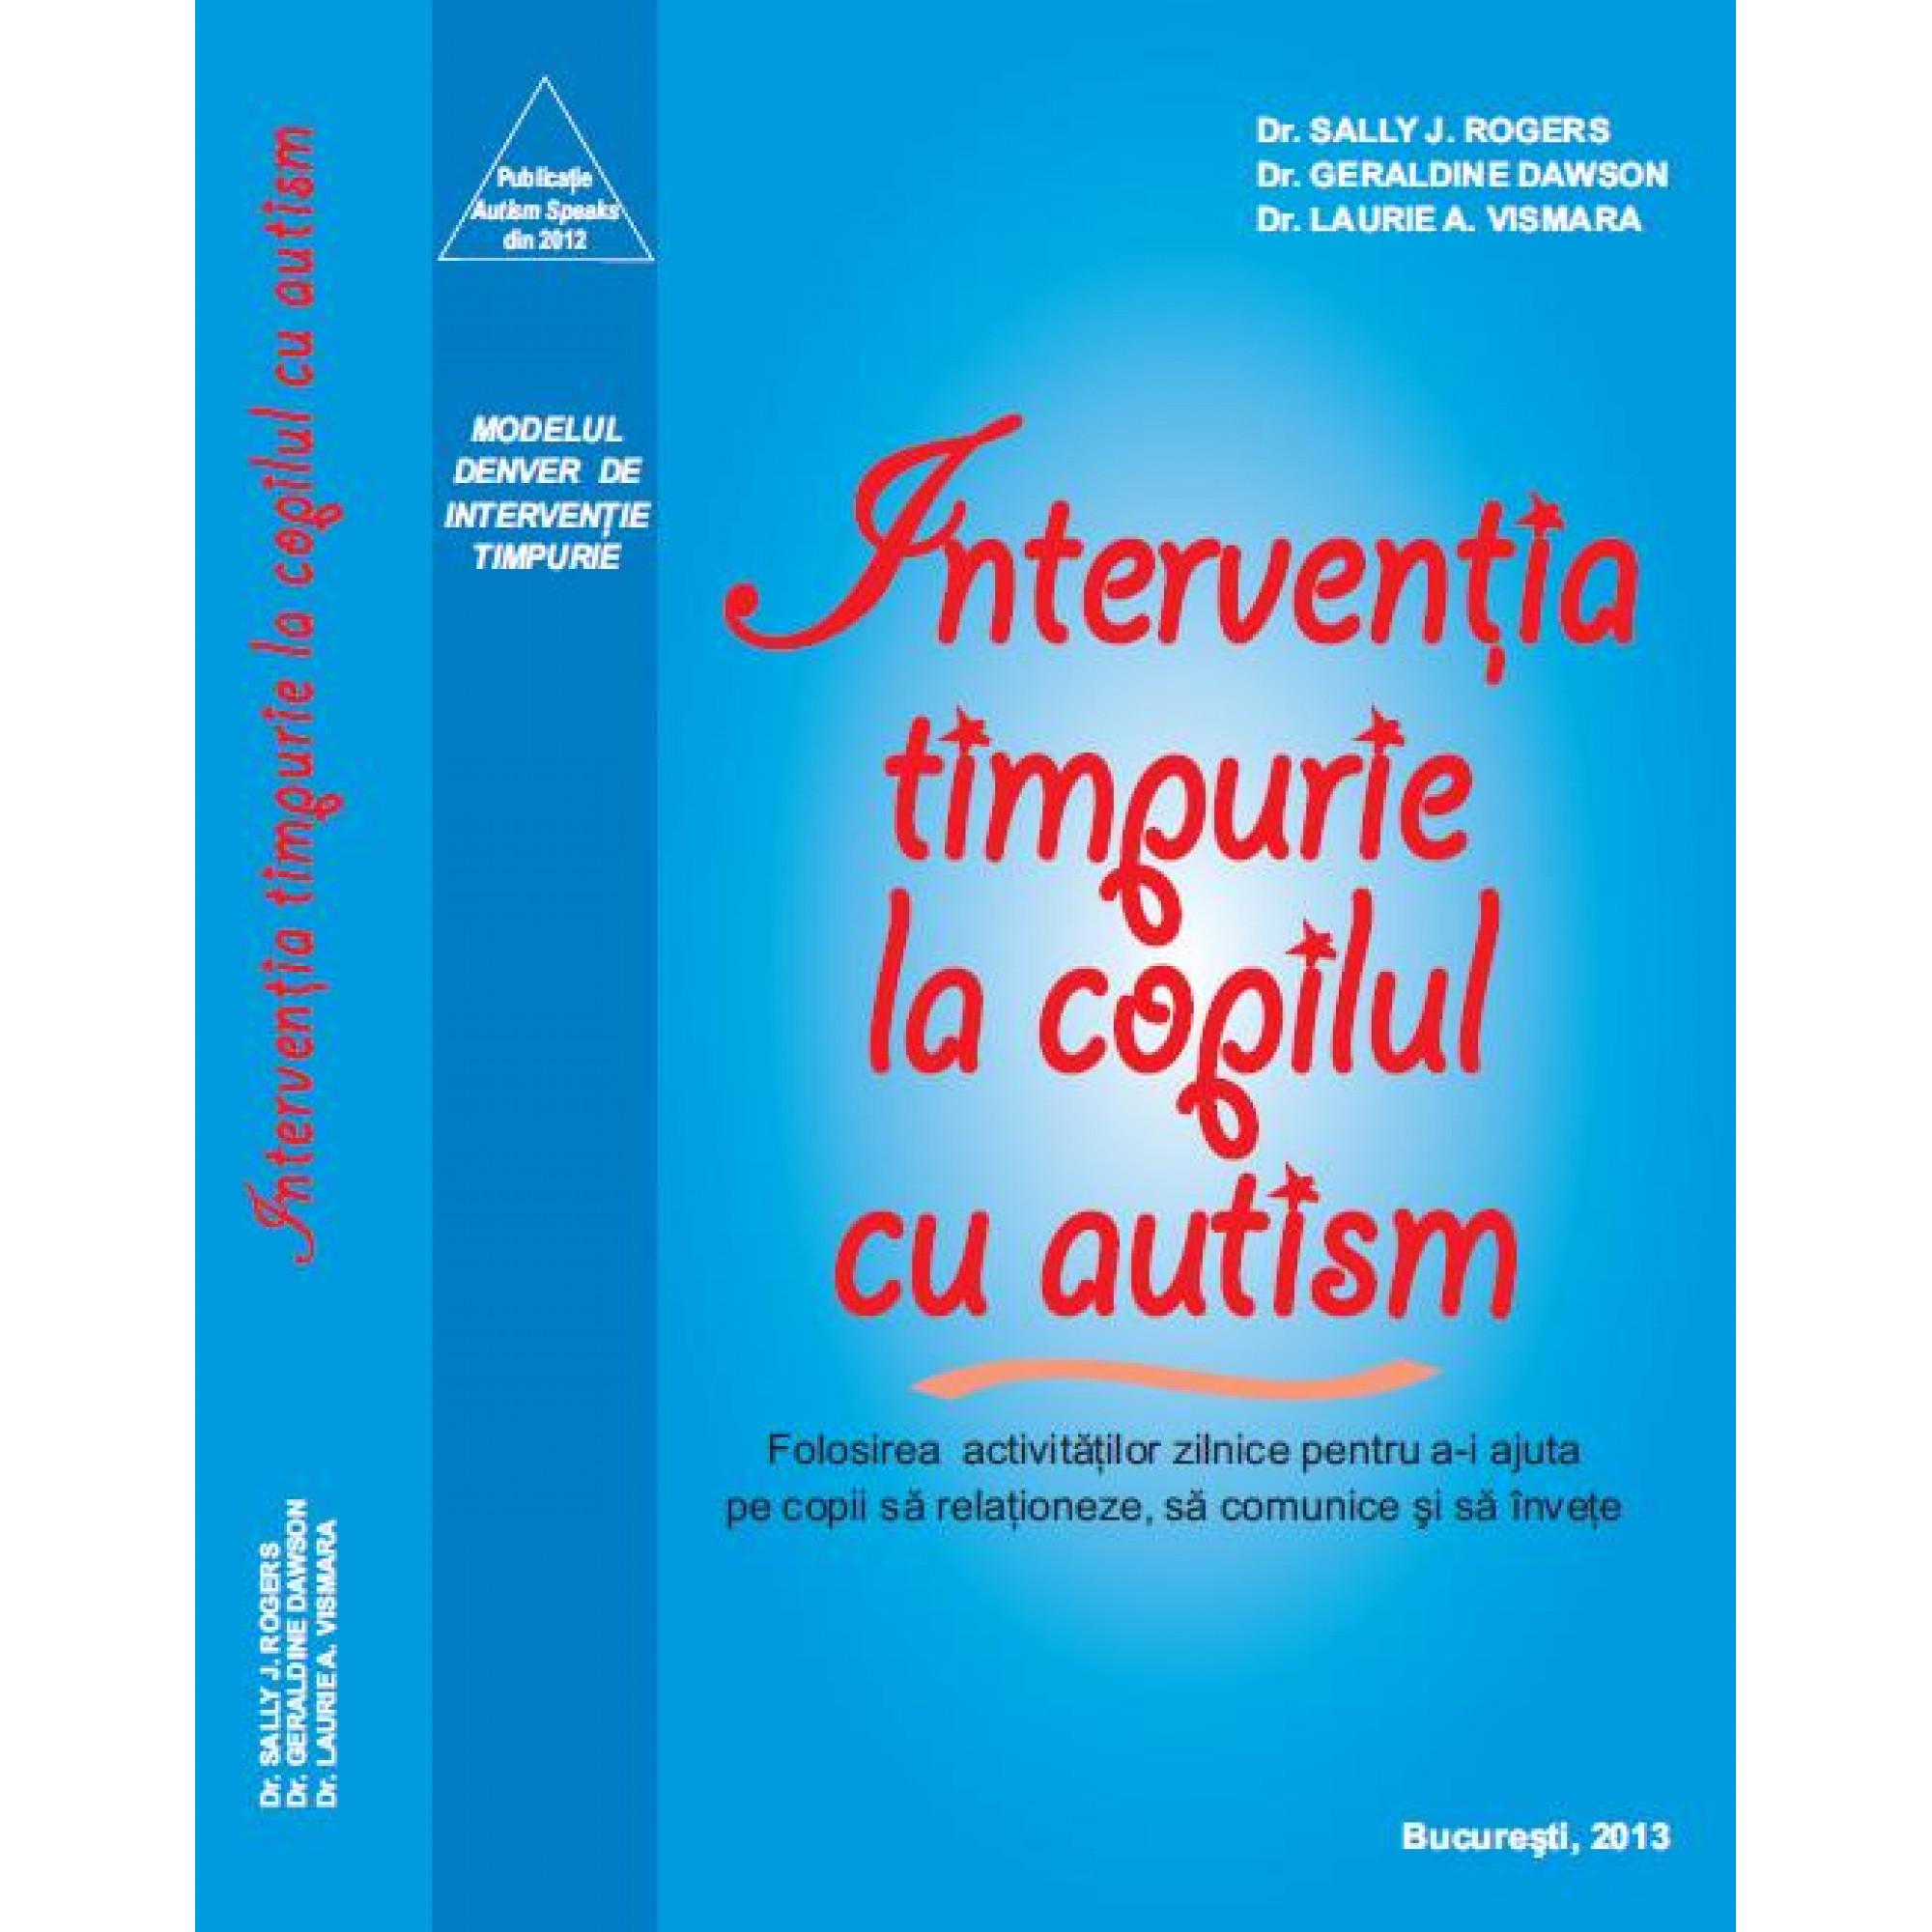 Modelul Denver. Intervenţia timpurie la copilul cu autism